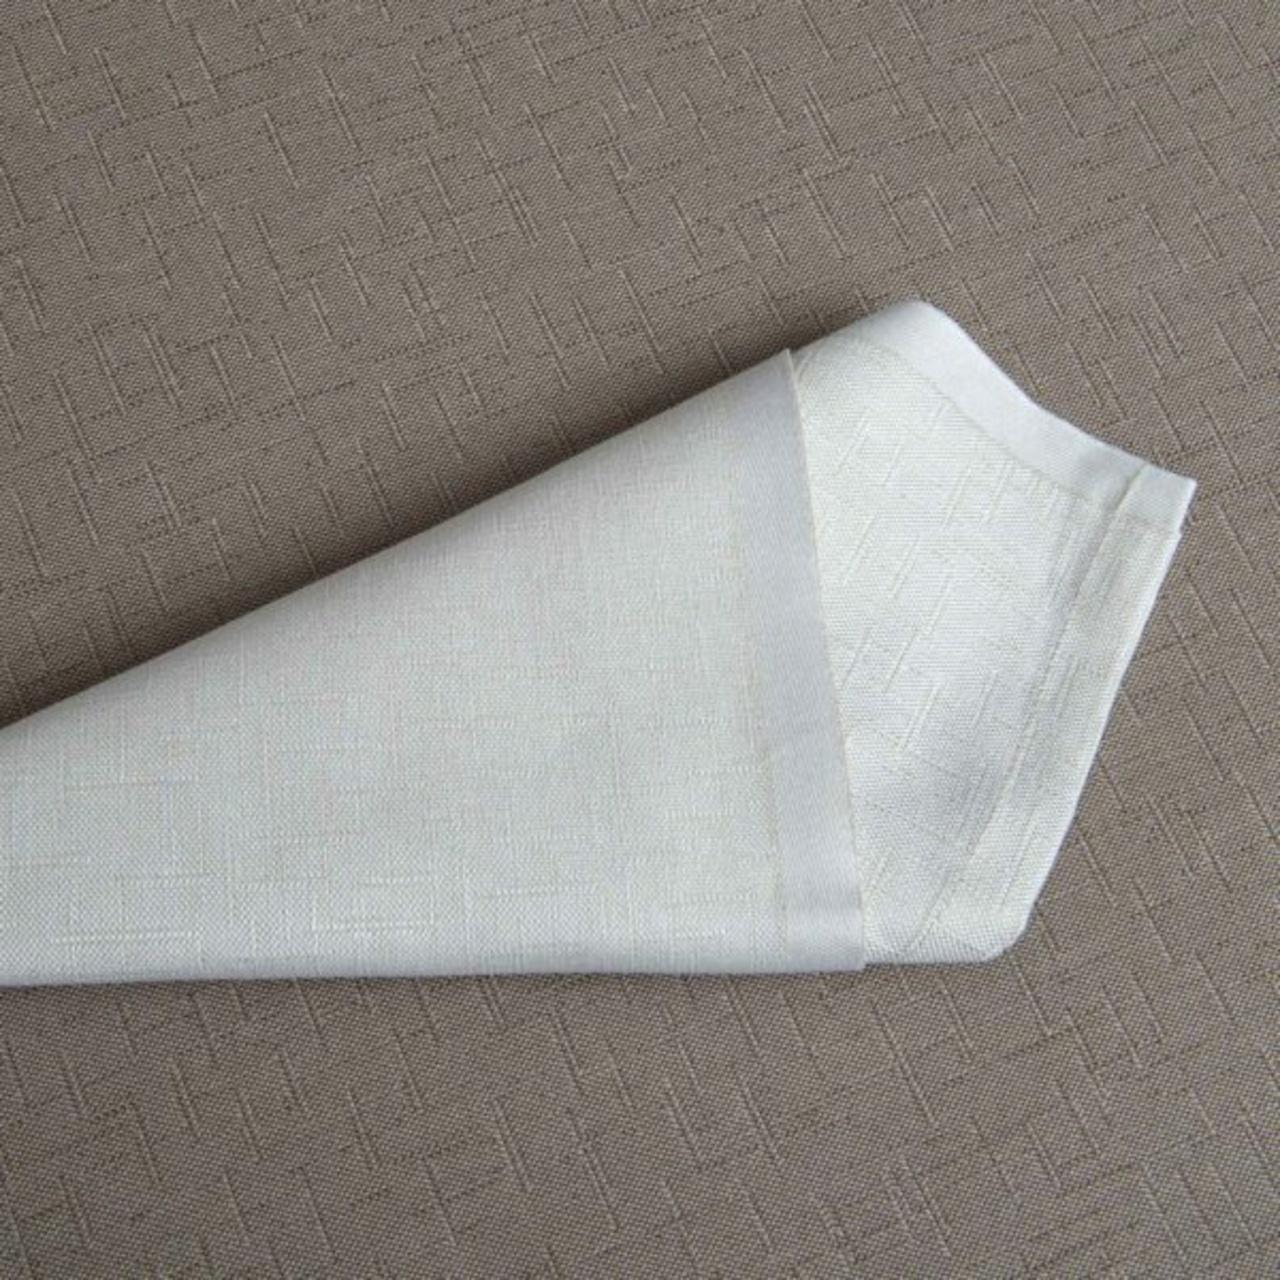 Linge De Table Dolce Coton Perle Coton 220 Grs M2 Professionnel Restaurant Linvosges Hotellerie